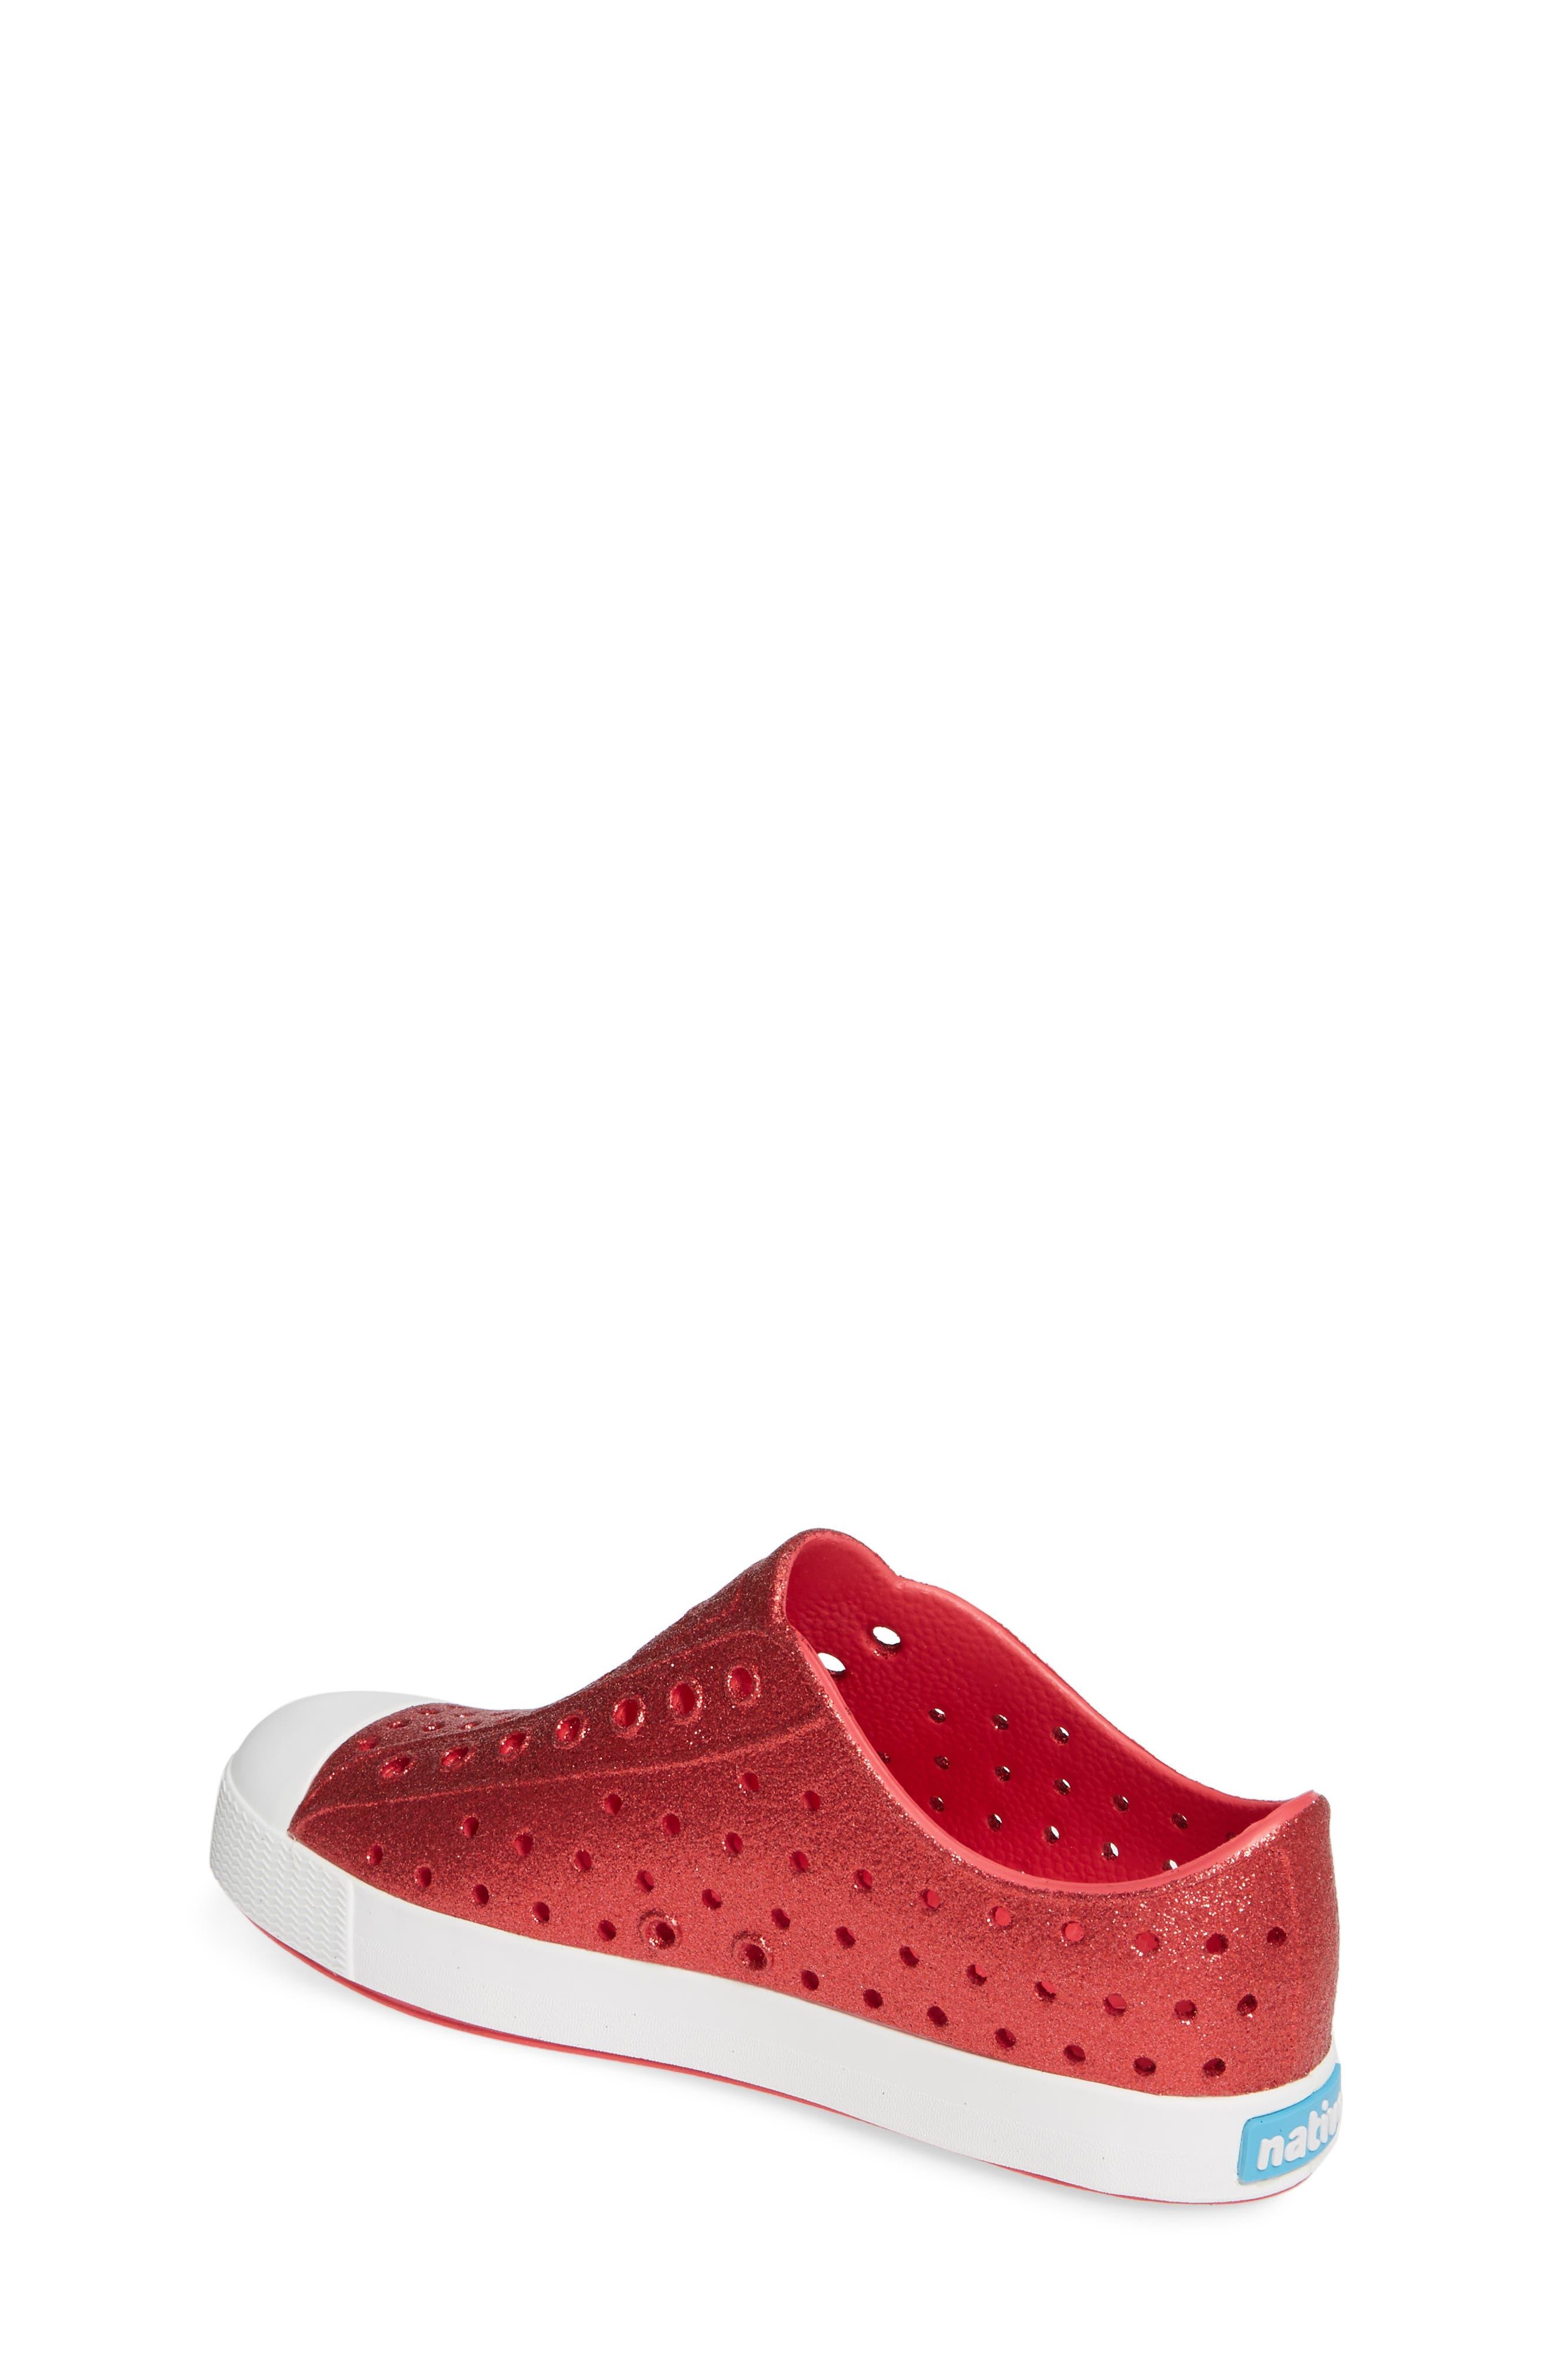 NATIVE SHOES, Jefferson Bling Glitter Slip-On Vegan Sneaker, Alternate thumbnail 2, color, SAKURA BLING/ SHELL WHITE